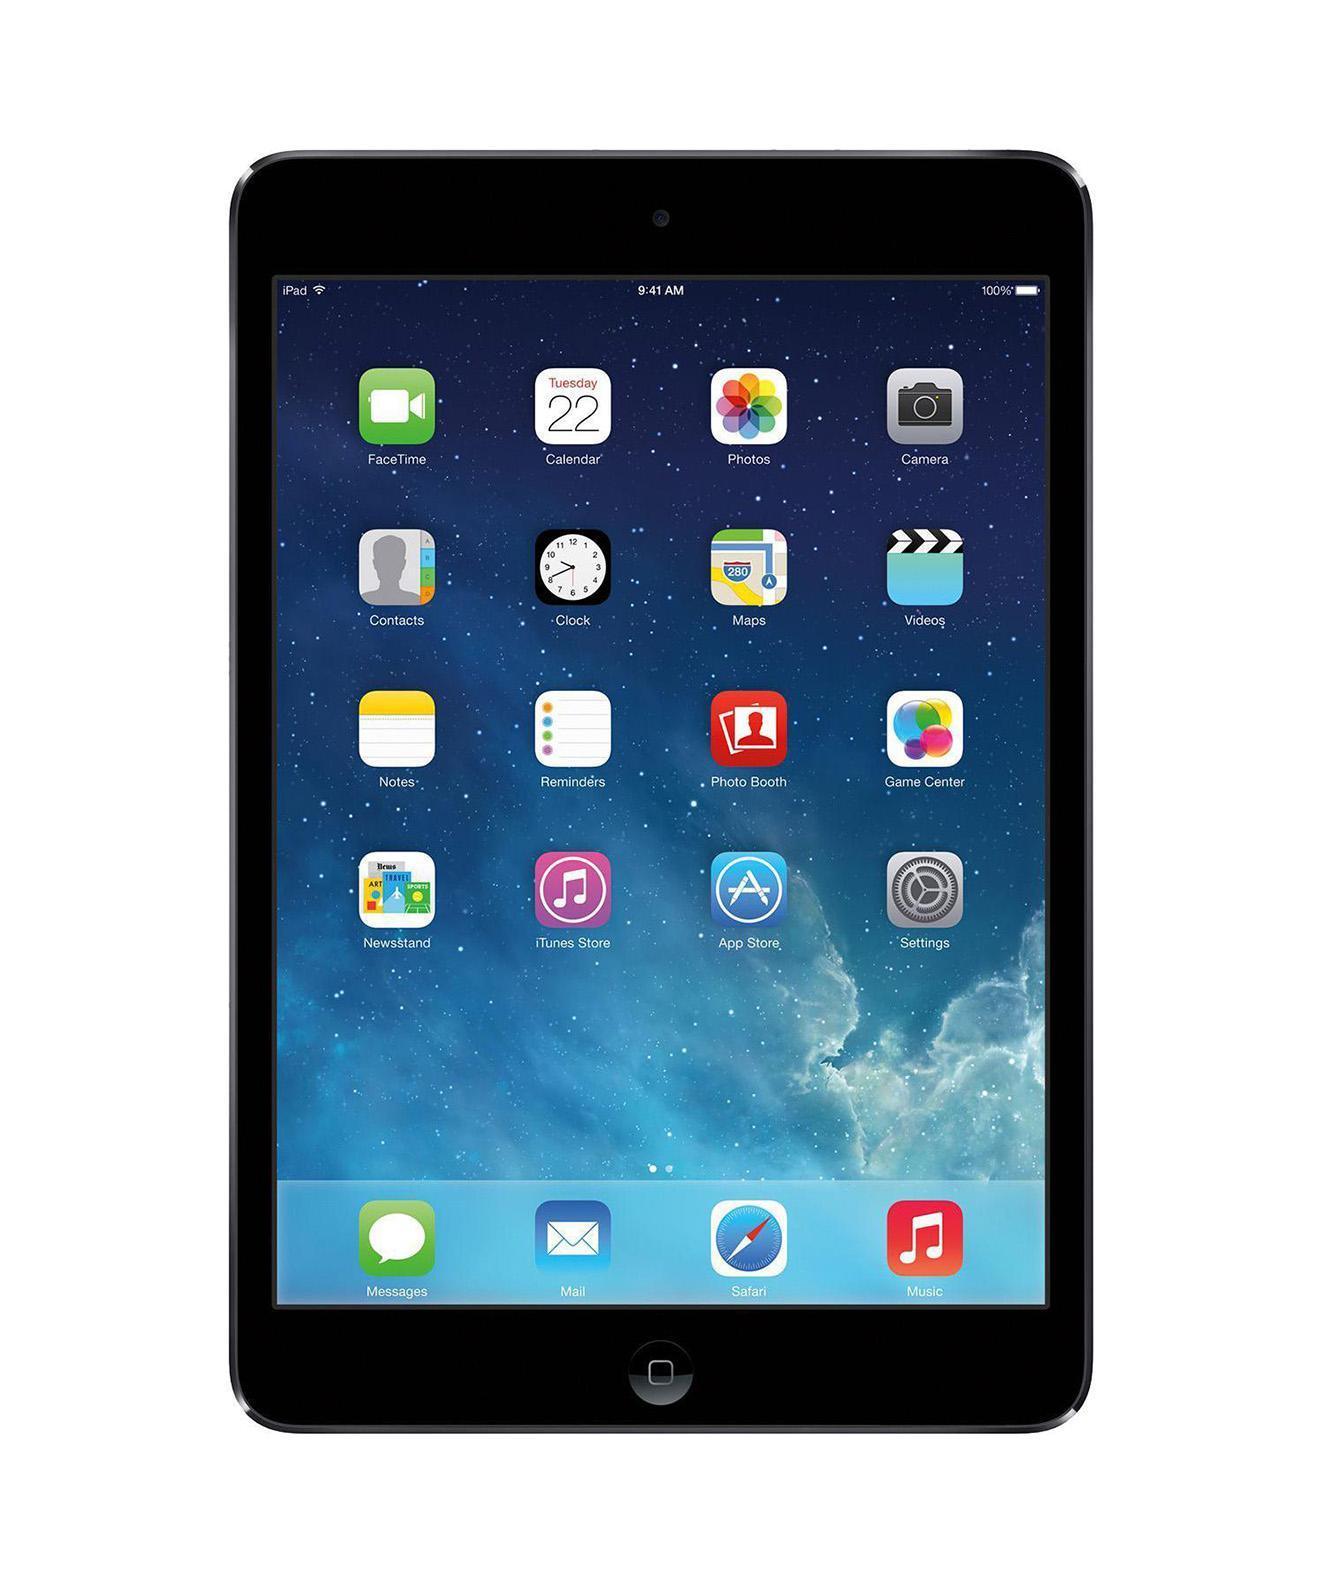 Apple iPad mini 16GB Wi-Fi + Cellular, Space Gray